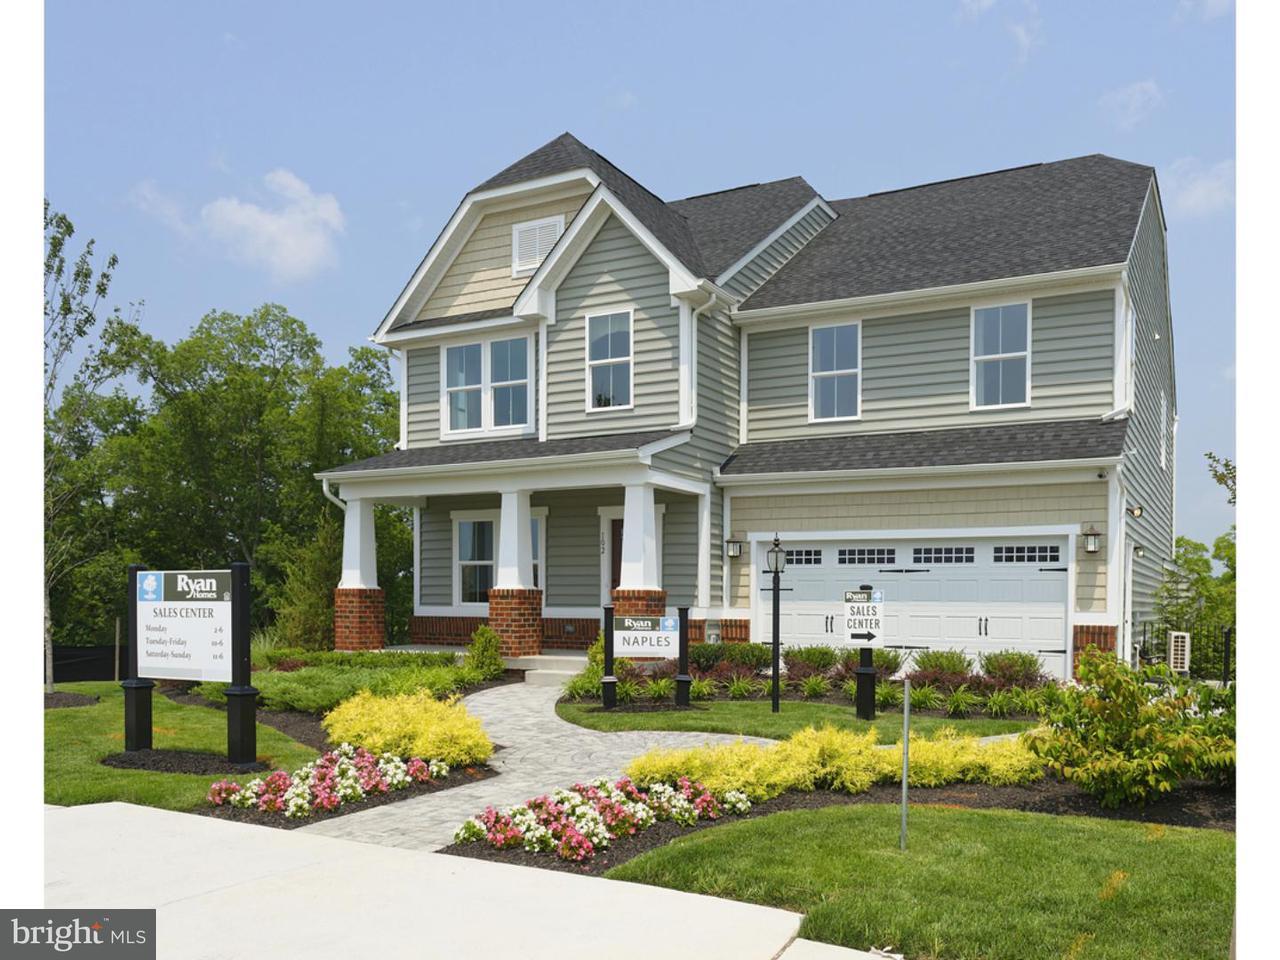 Enfamiljshus för Försäljning vid 73 PETTITS BRIDGE Road Jamison, Pennsylvania 18929 Usa